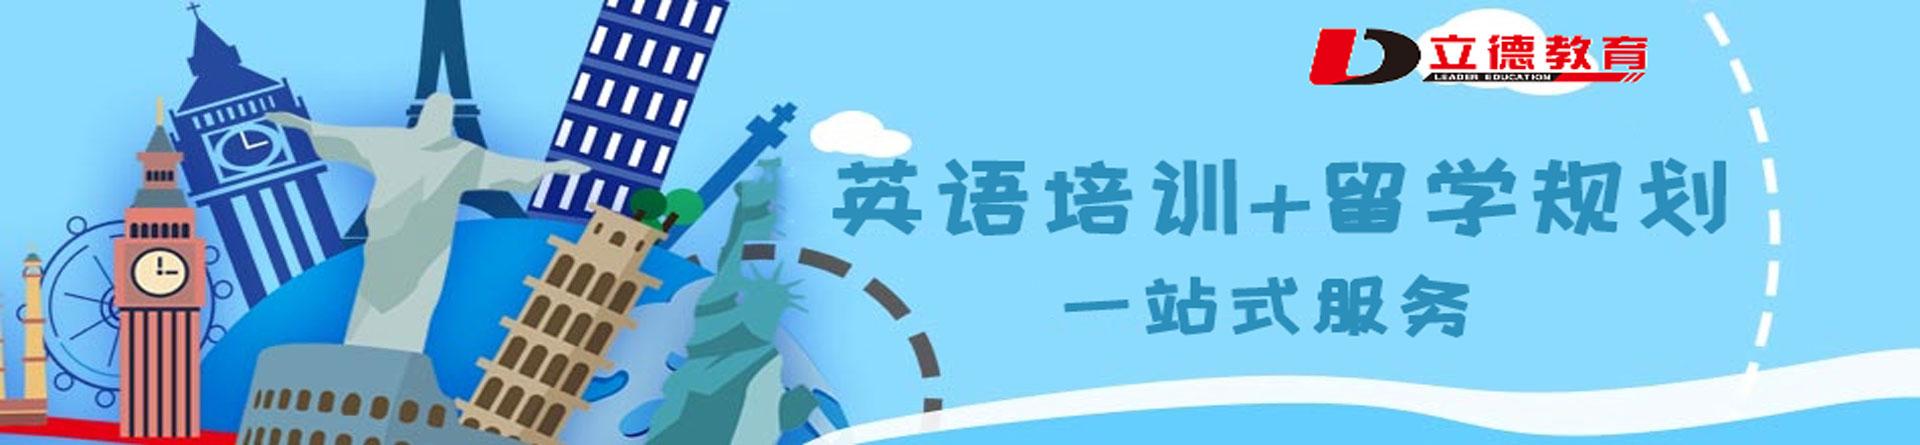 郑州立德教育